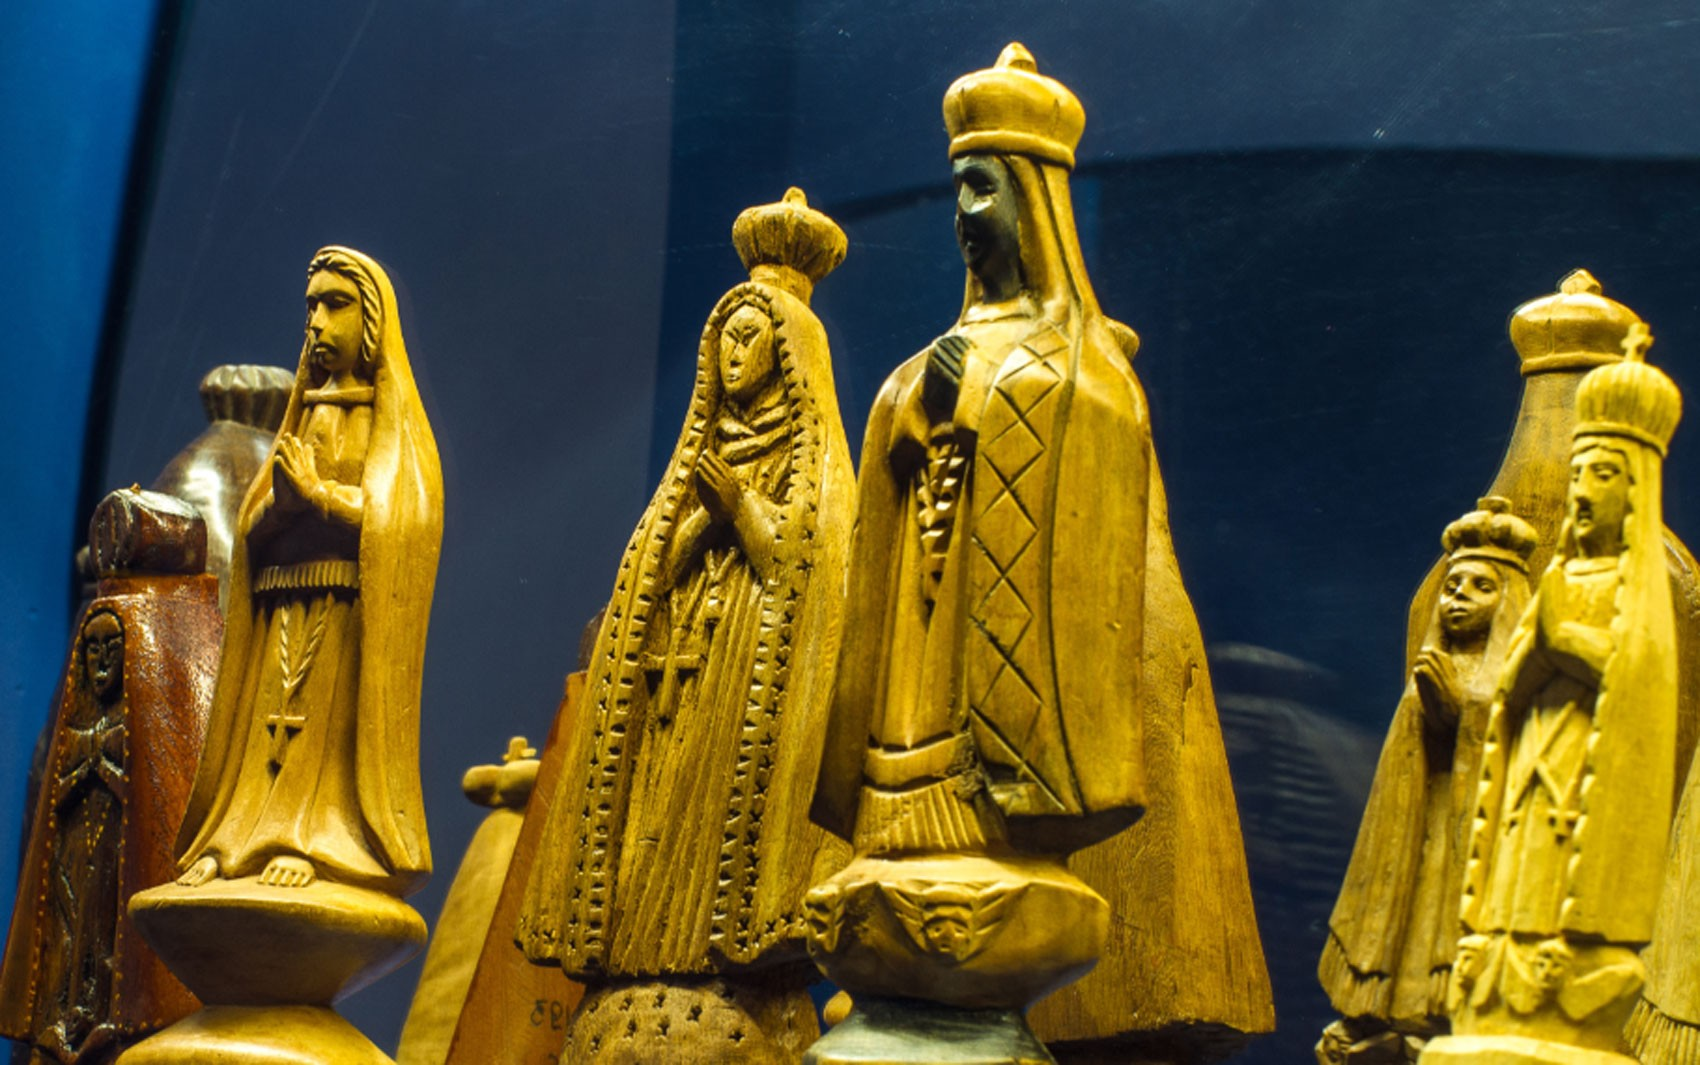 Museu de Arte Sacra faz exposição sobre Nossa Senhora de Aparecida